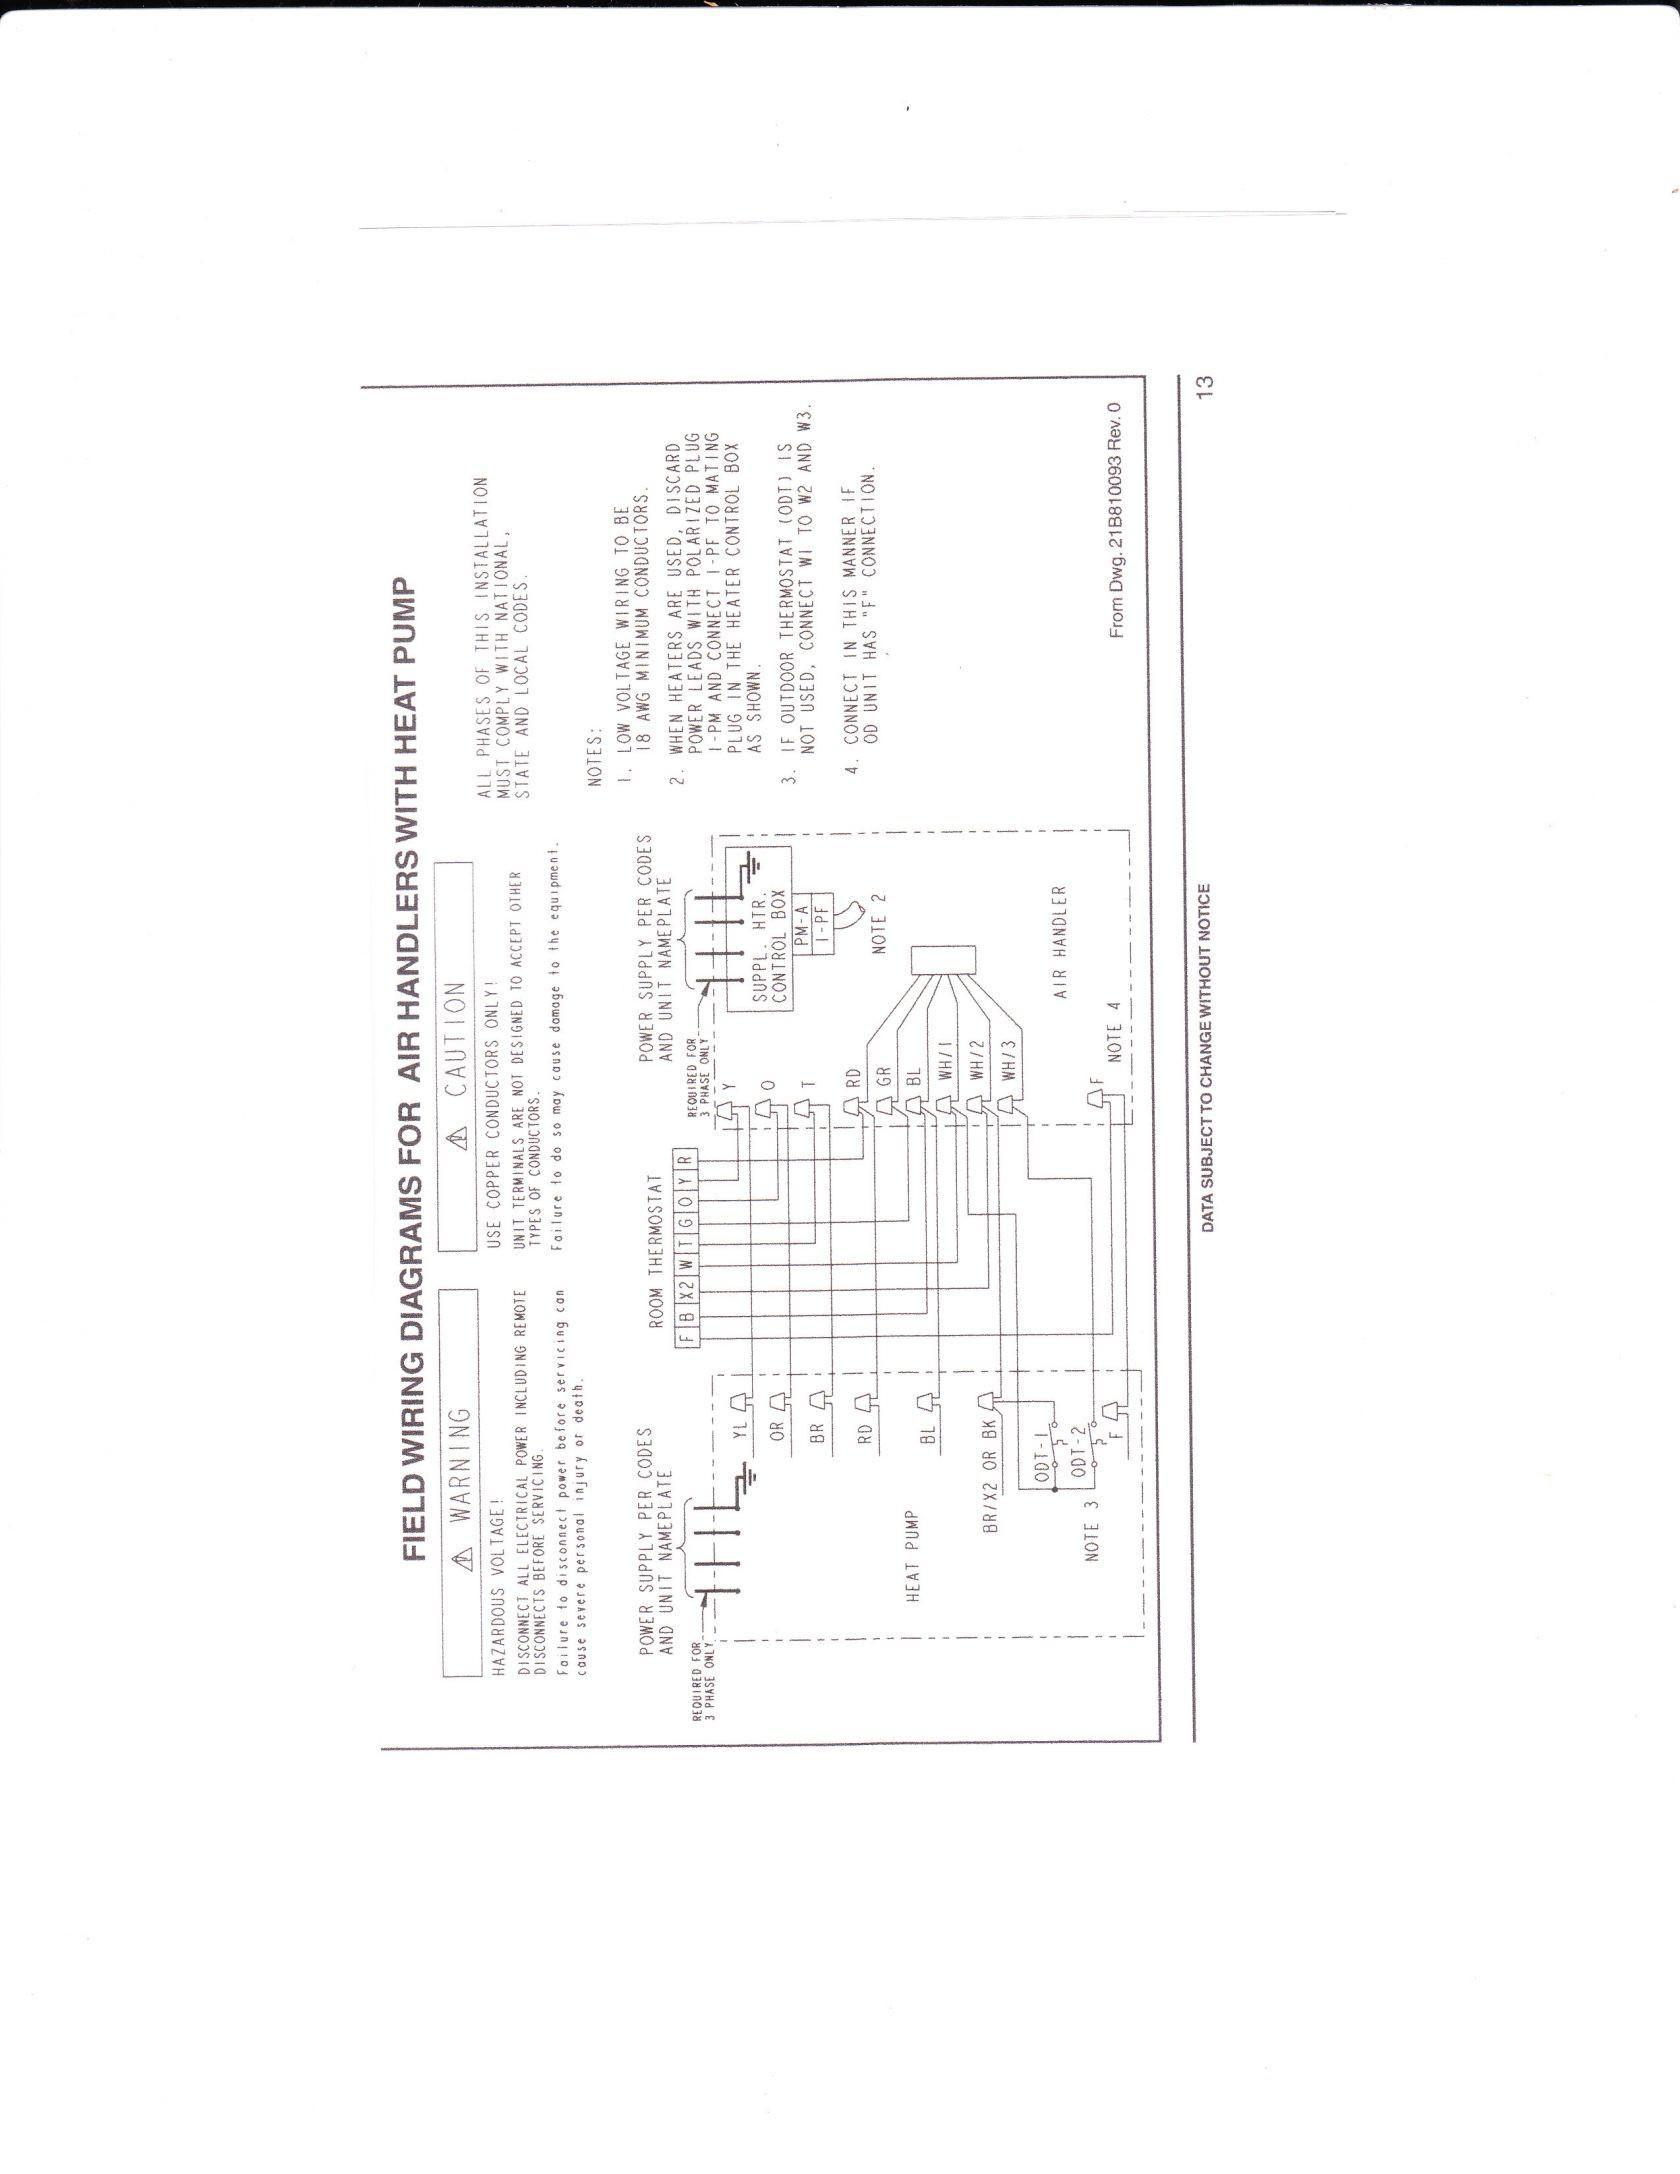 Nema L6 20P Plug Wiring Diagram Popular 20 Ampere 250 Volt Nema - 20A 250V Plug Wiring Diagram